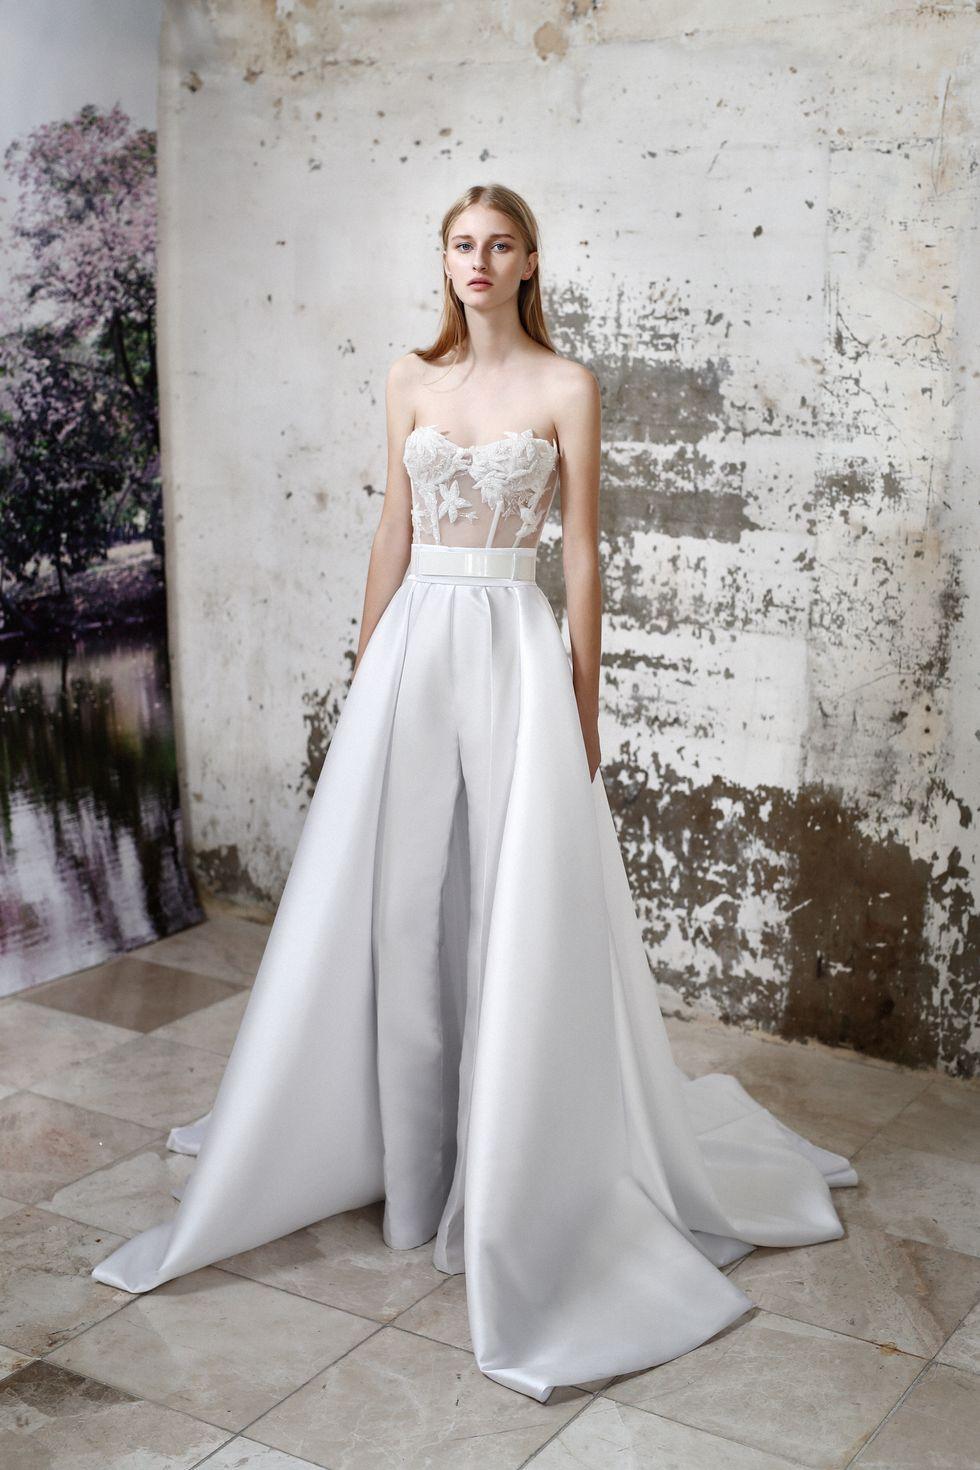 Thiết kế jumpsuit phối ren với kiểu dáng vừa cá tính vừa quyến rũ của thương hiệu Galia Lahav trong bộ sưu tập Thu 2019.